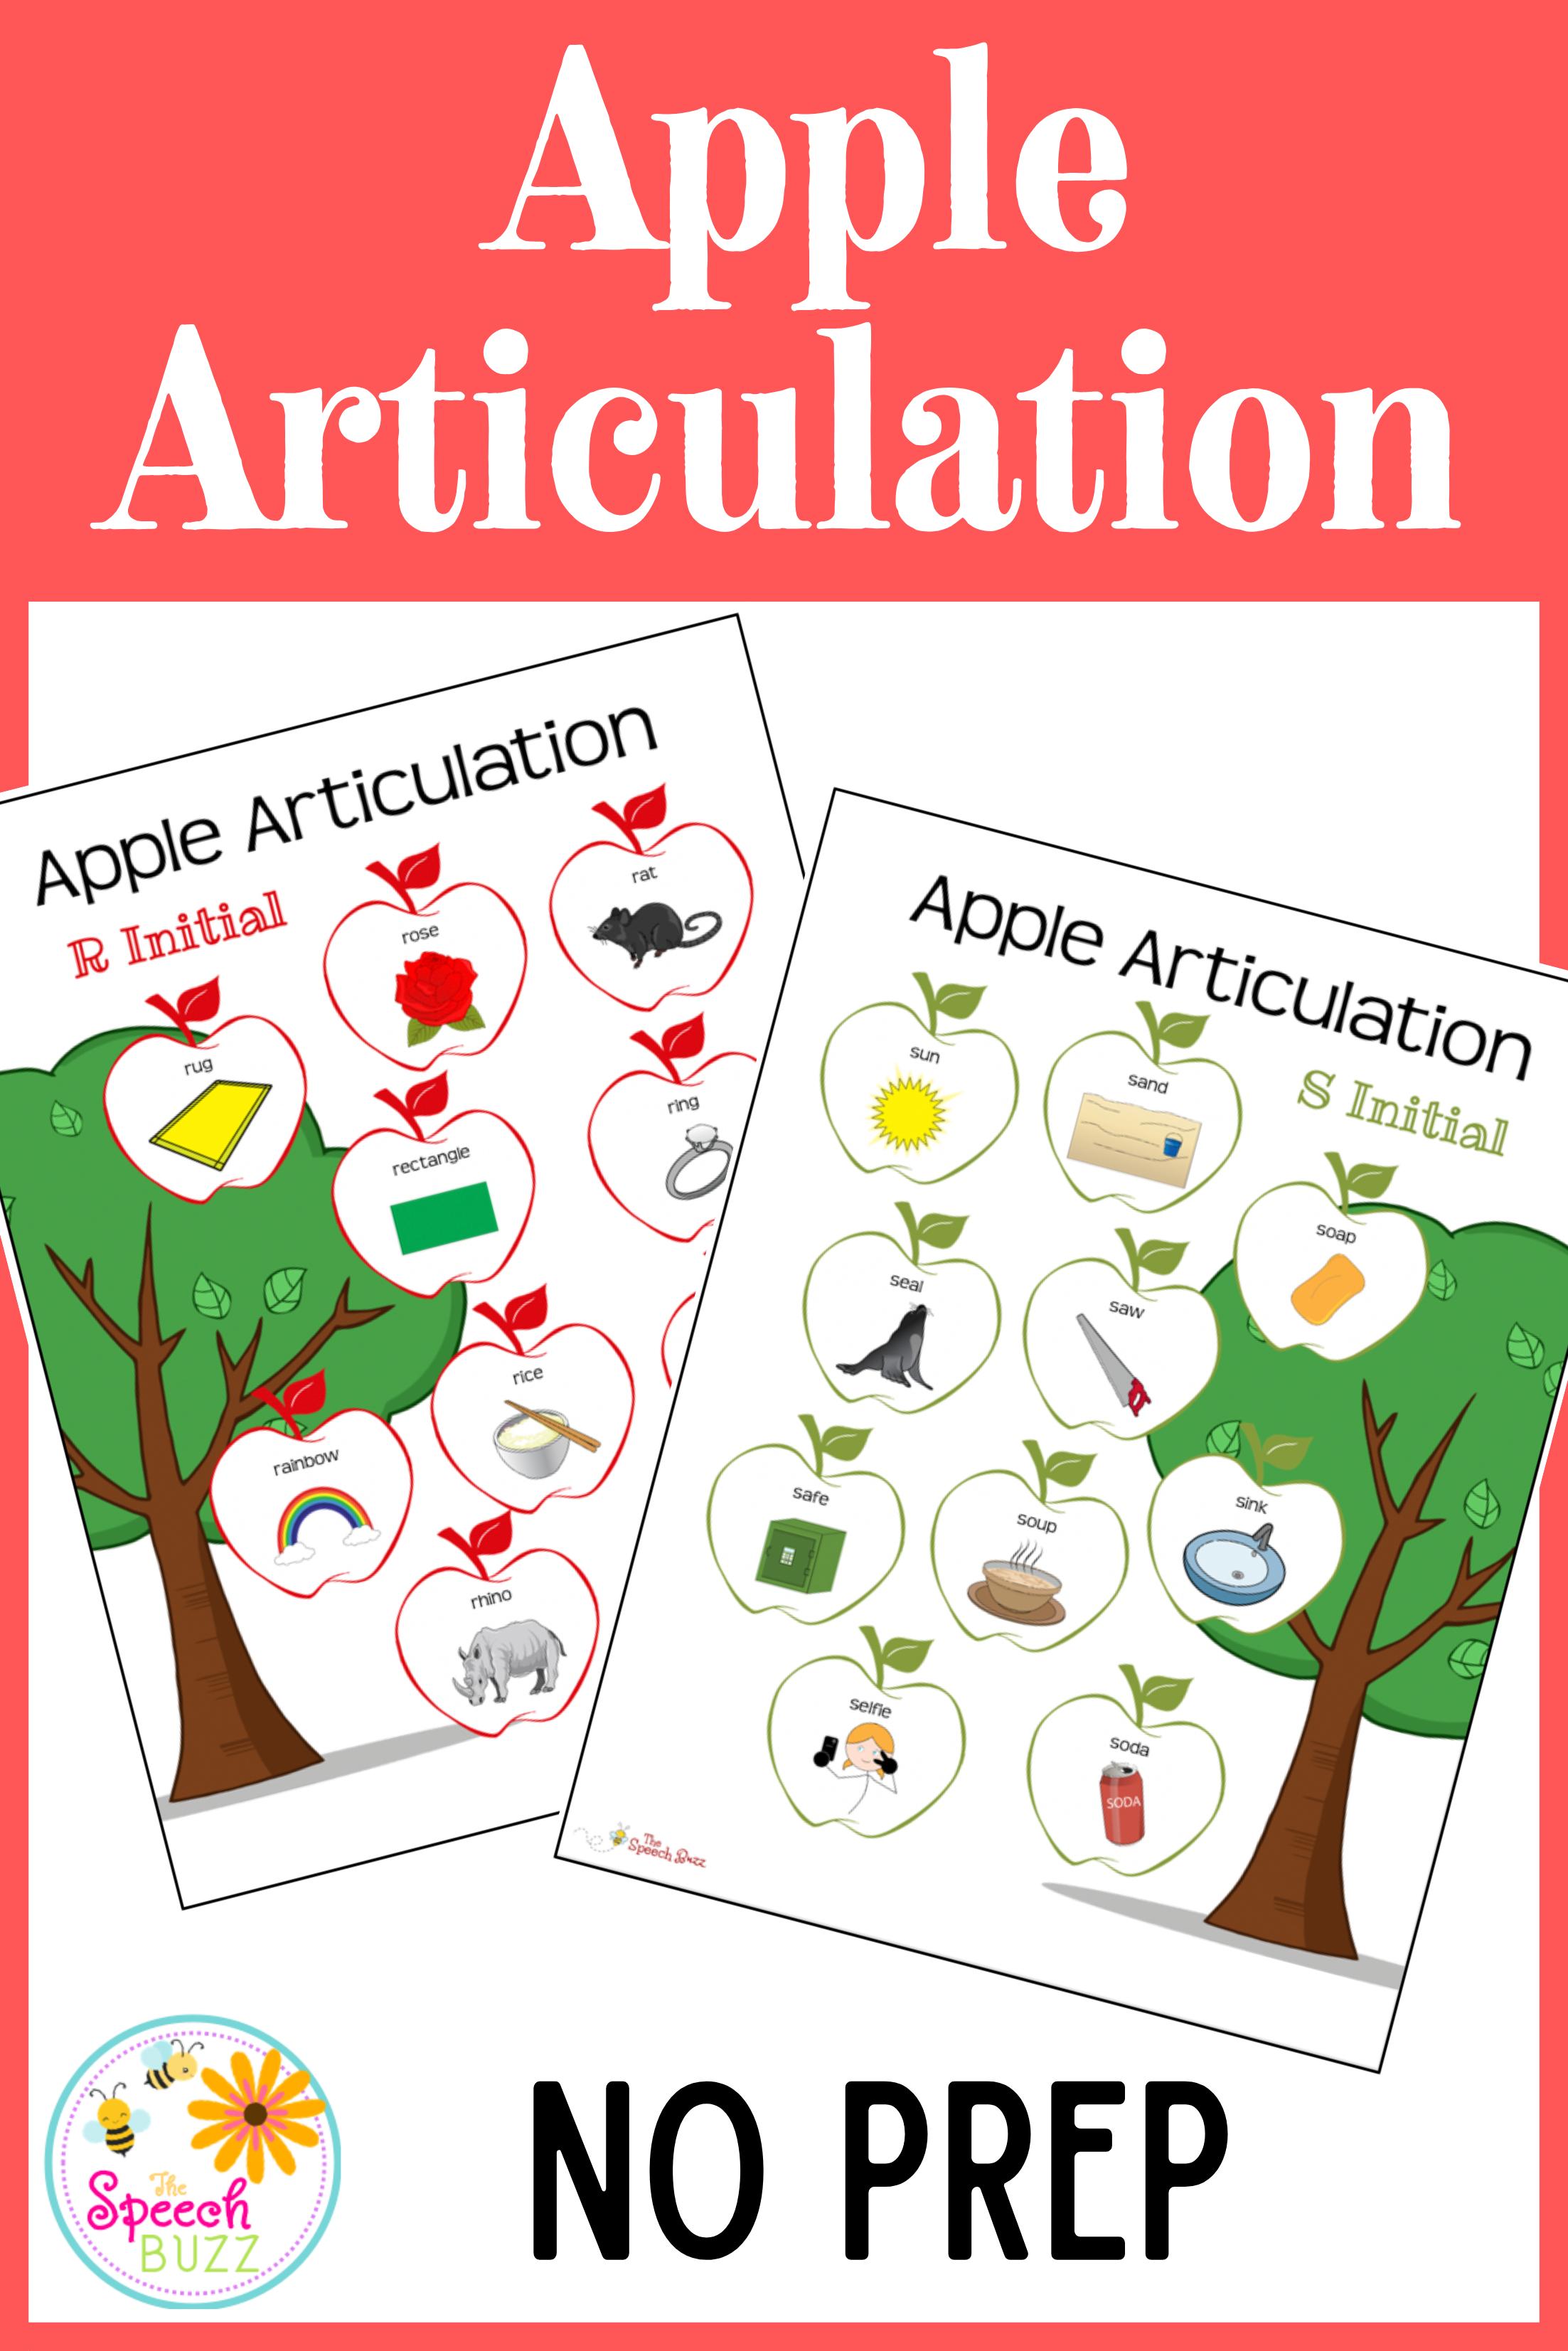 Apple Articulation No Prep Articulation Worksheets Get